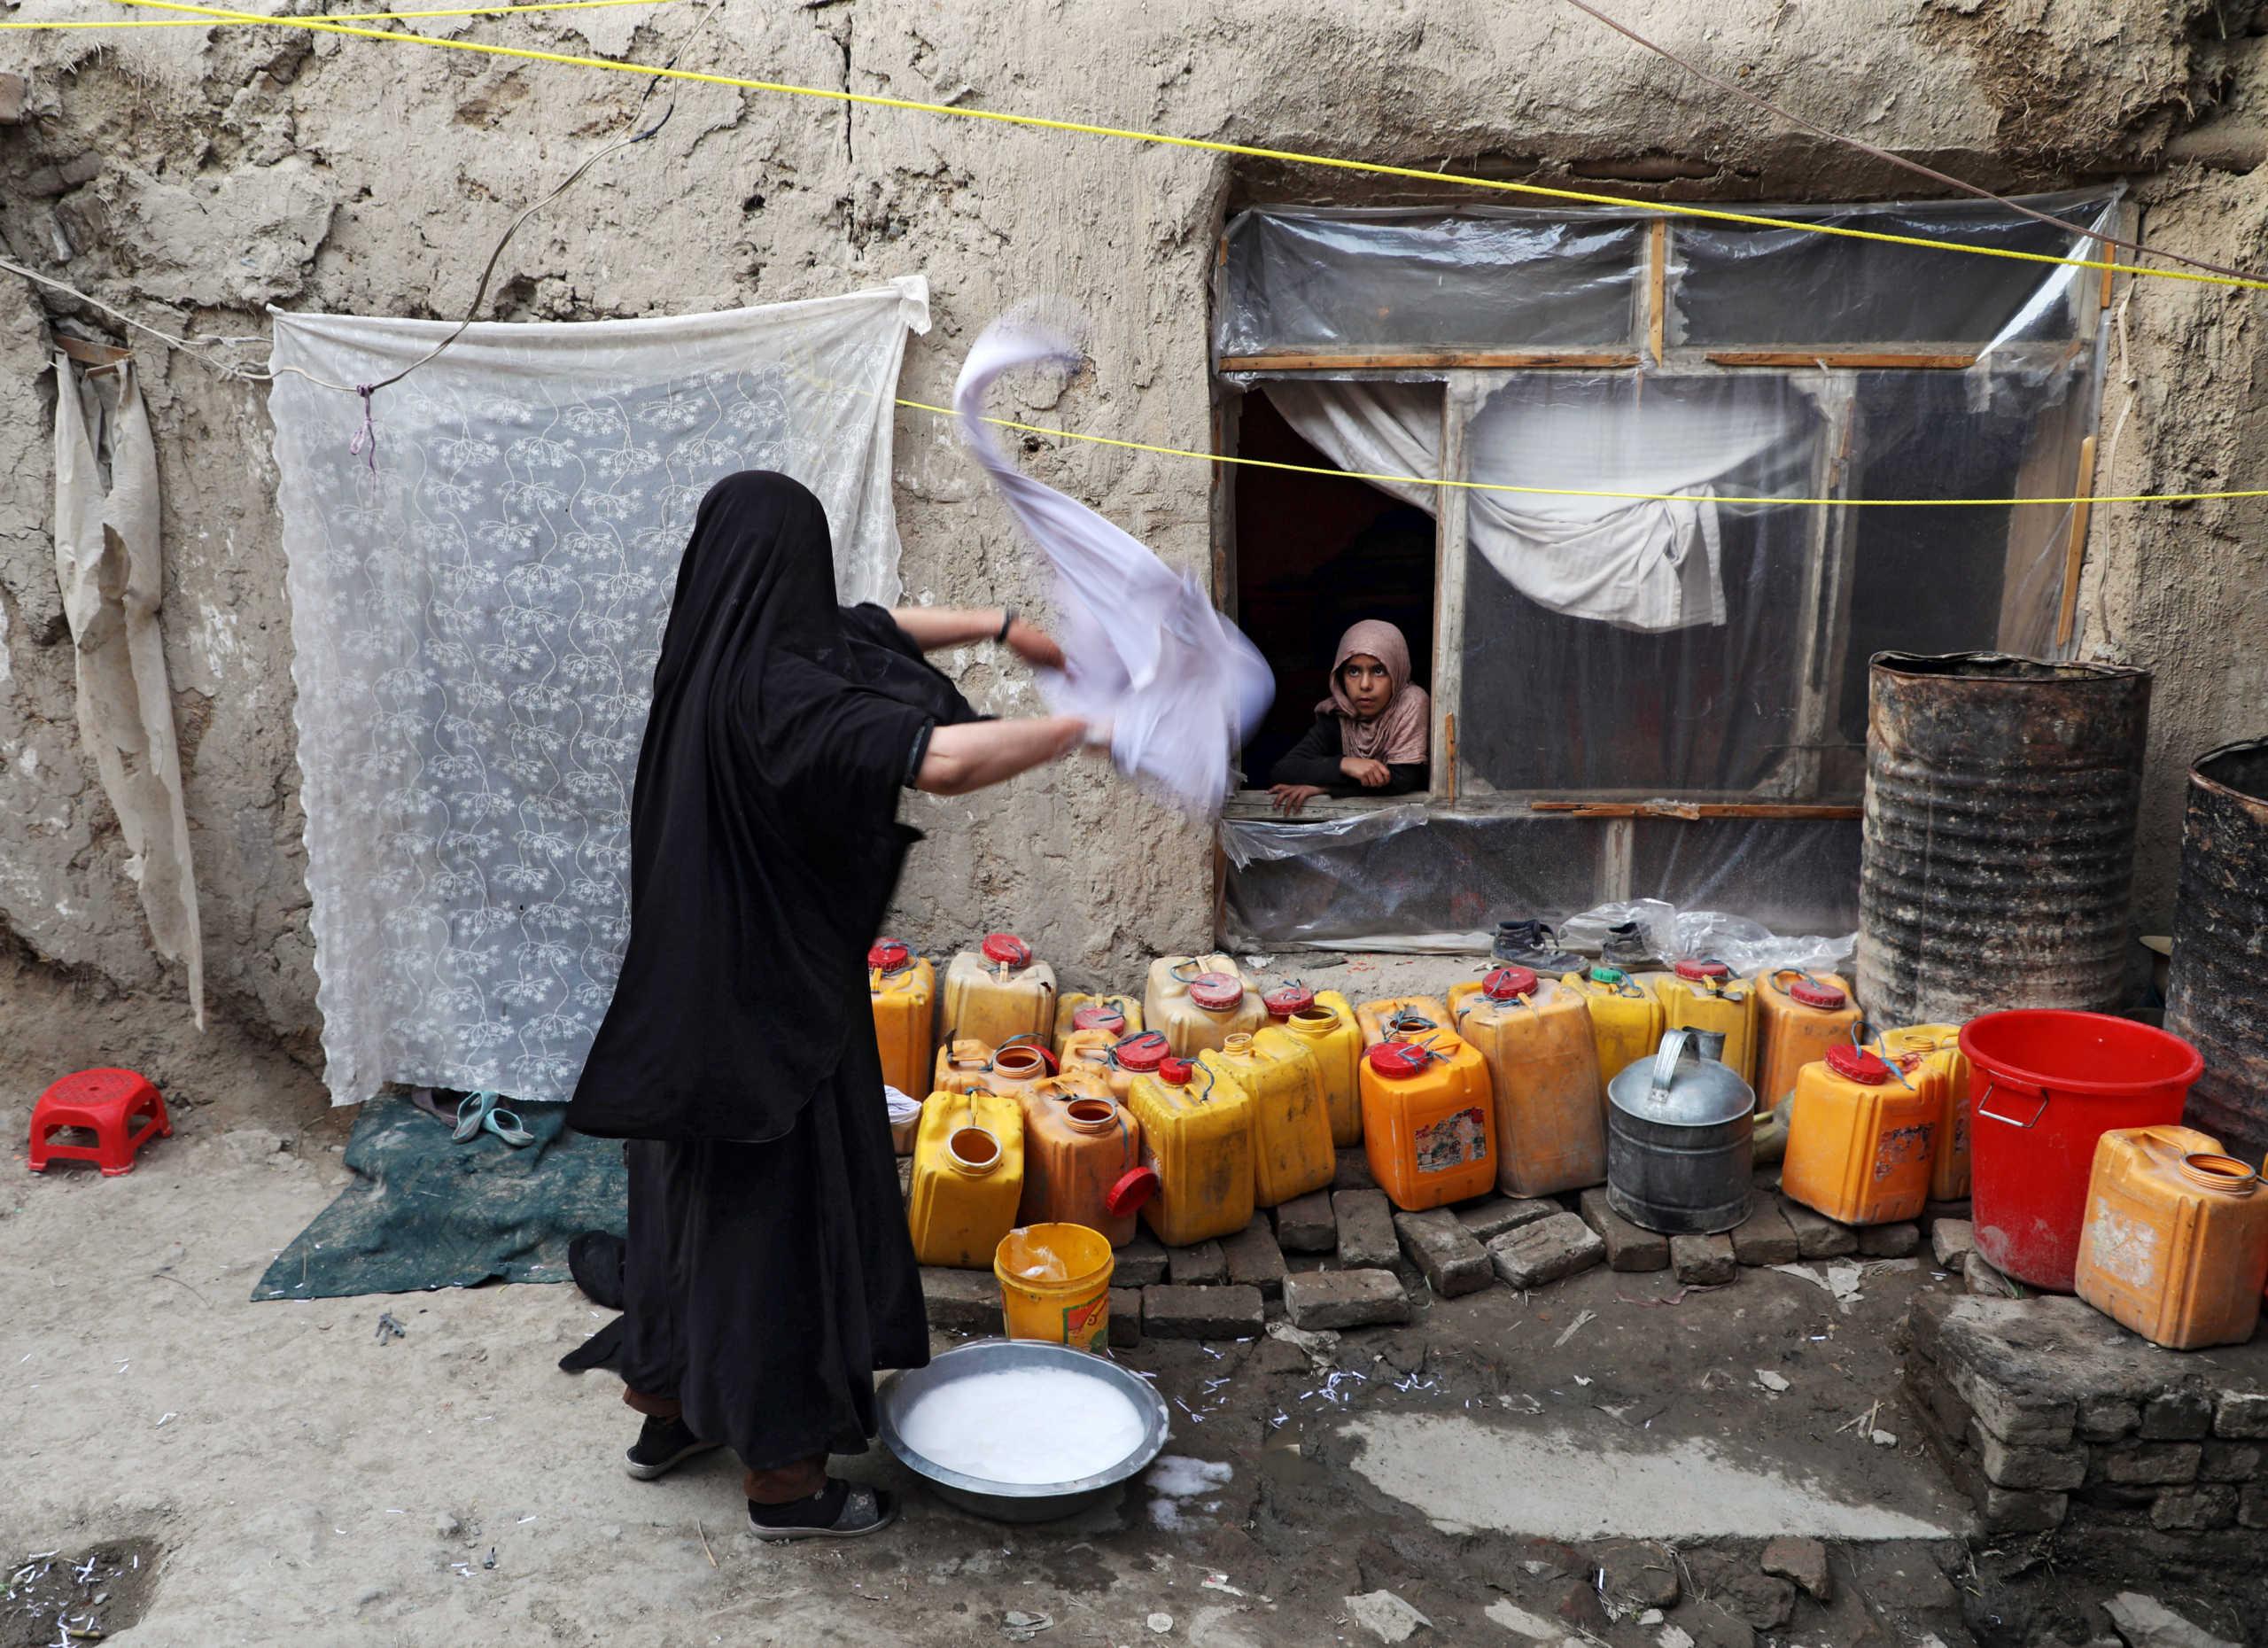 Αφγανιστάν: Έκοψε τη μύτη της γυναίκας του με κουζινομάχαιρο γιατί του ζήτησε διαζύγιο